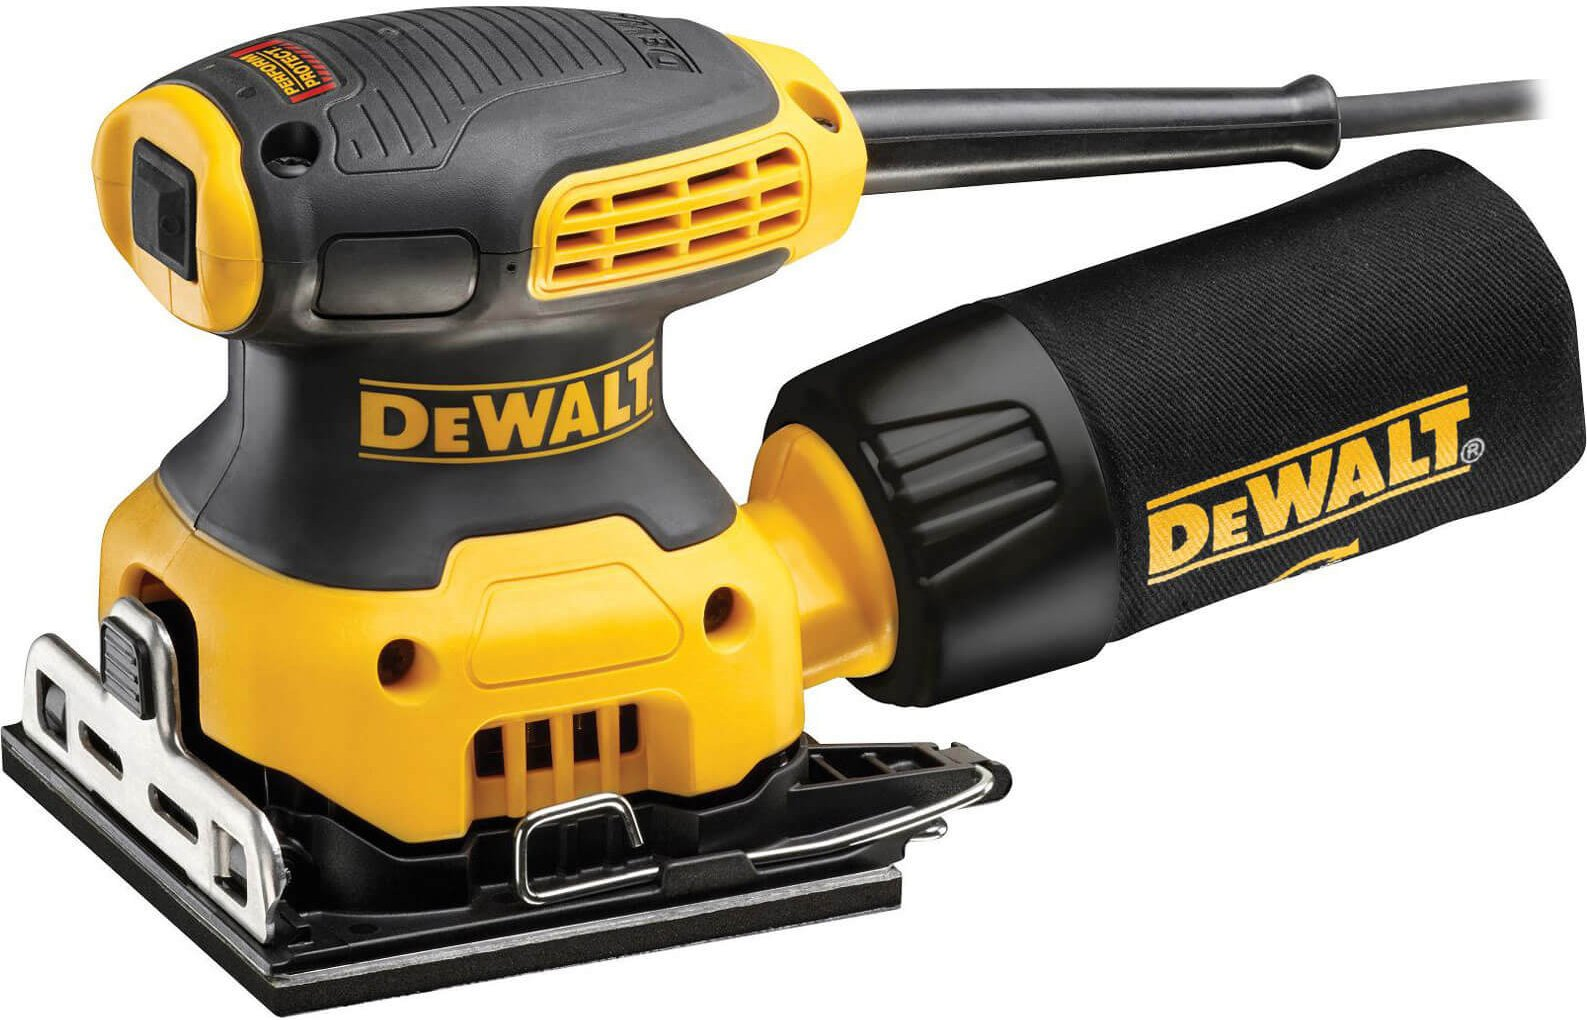 DeWalt DWE6411 Palm Sander 110v